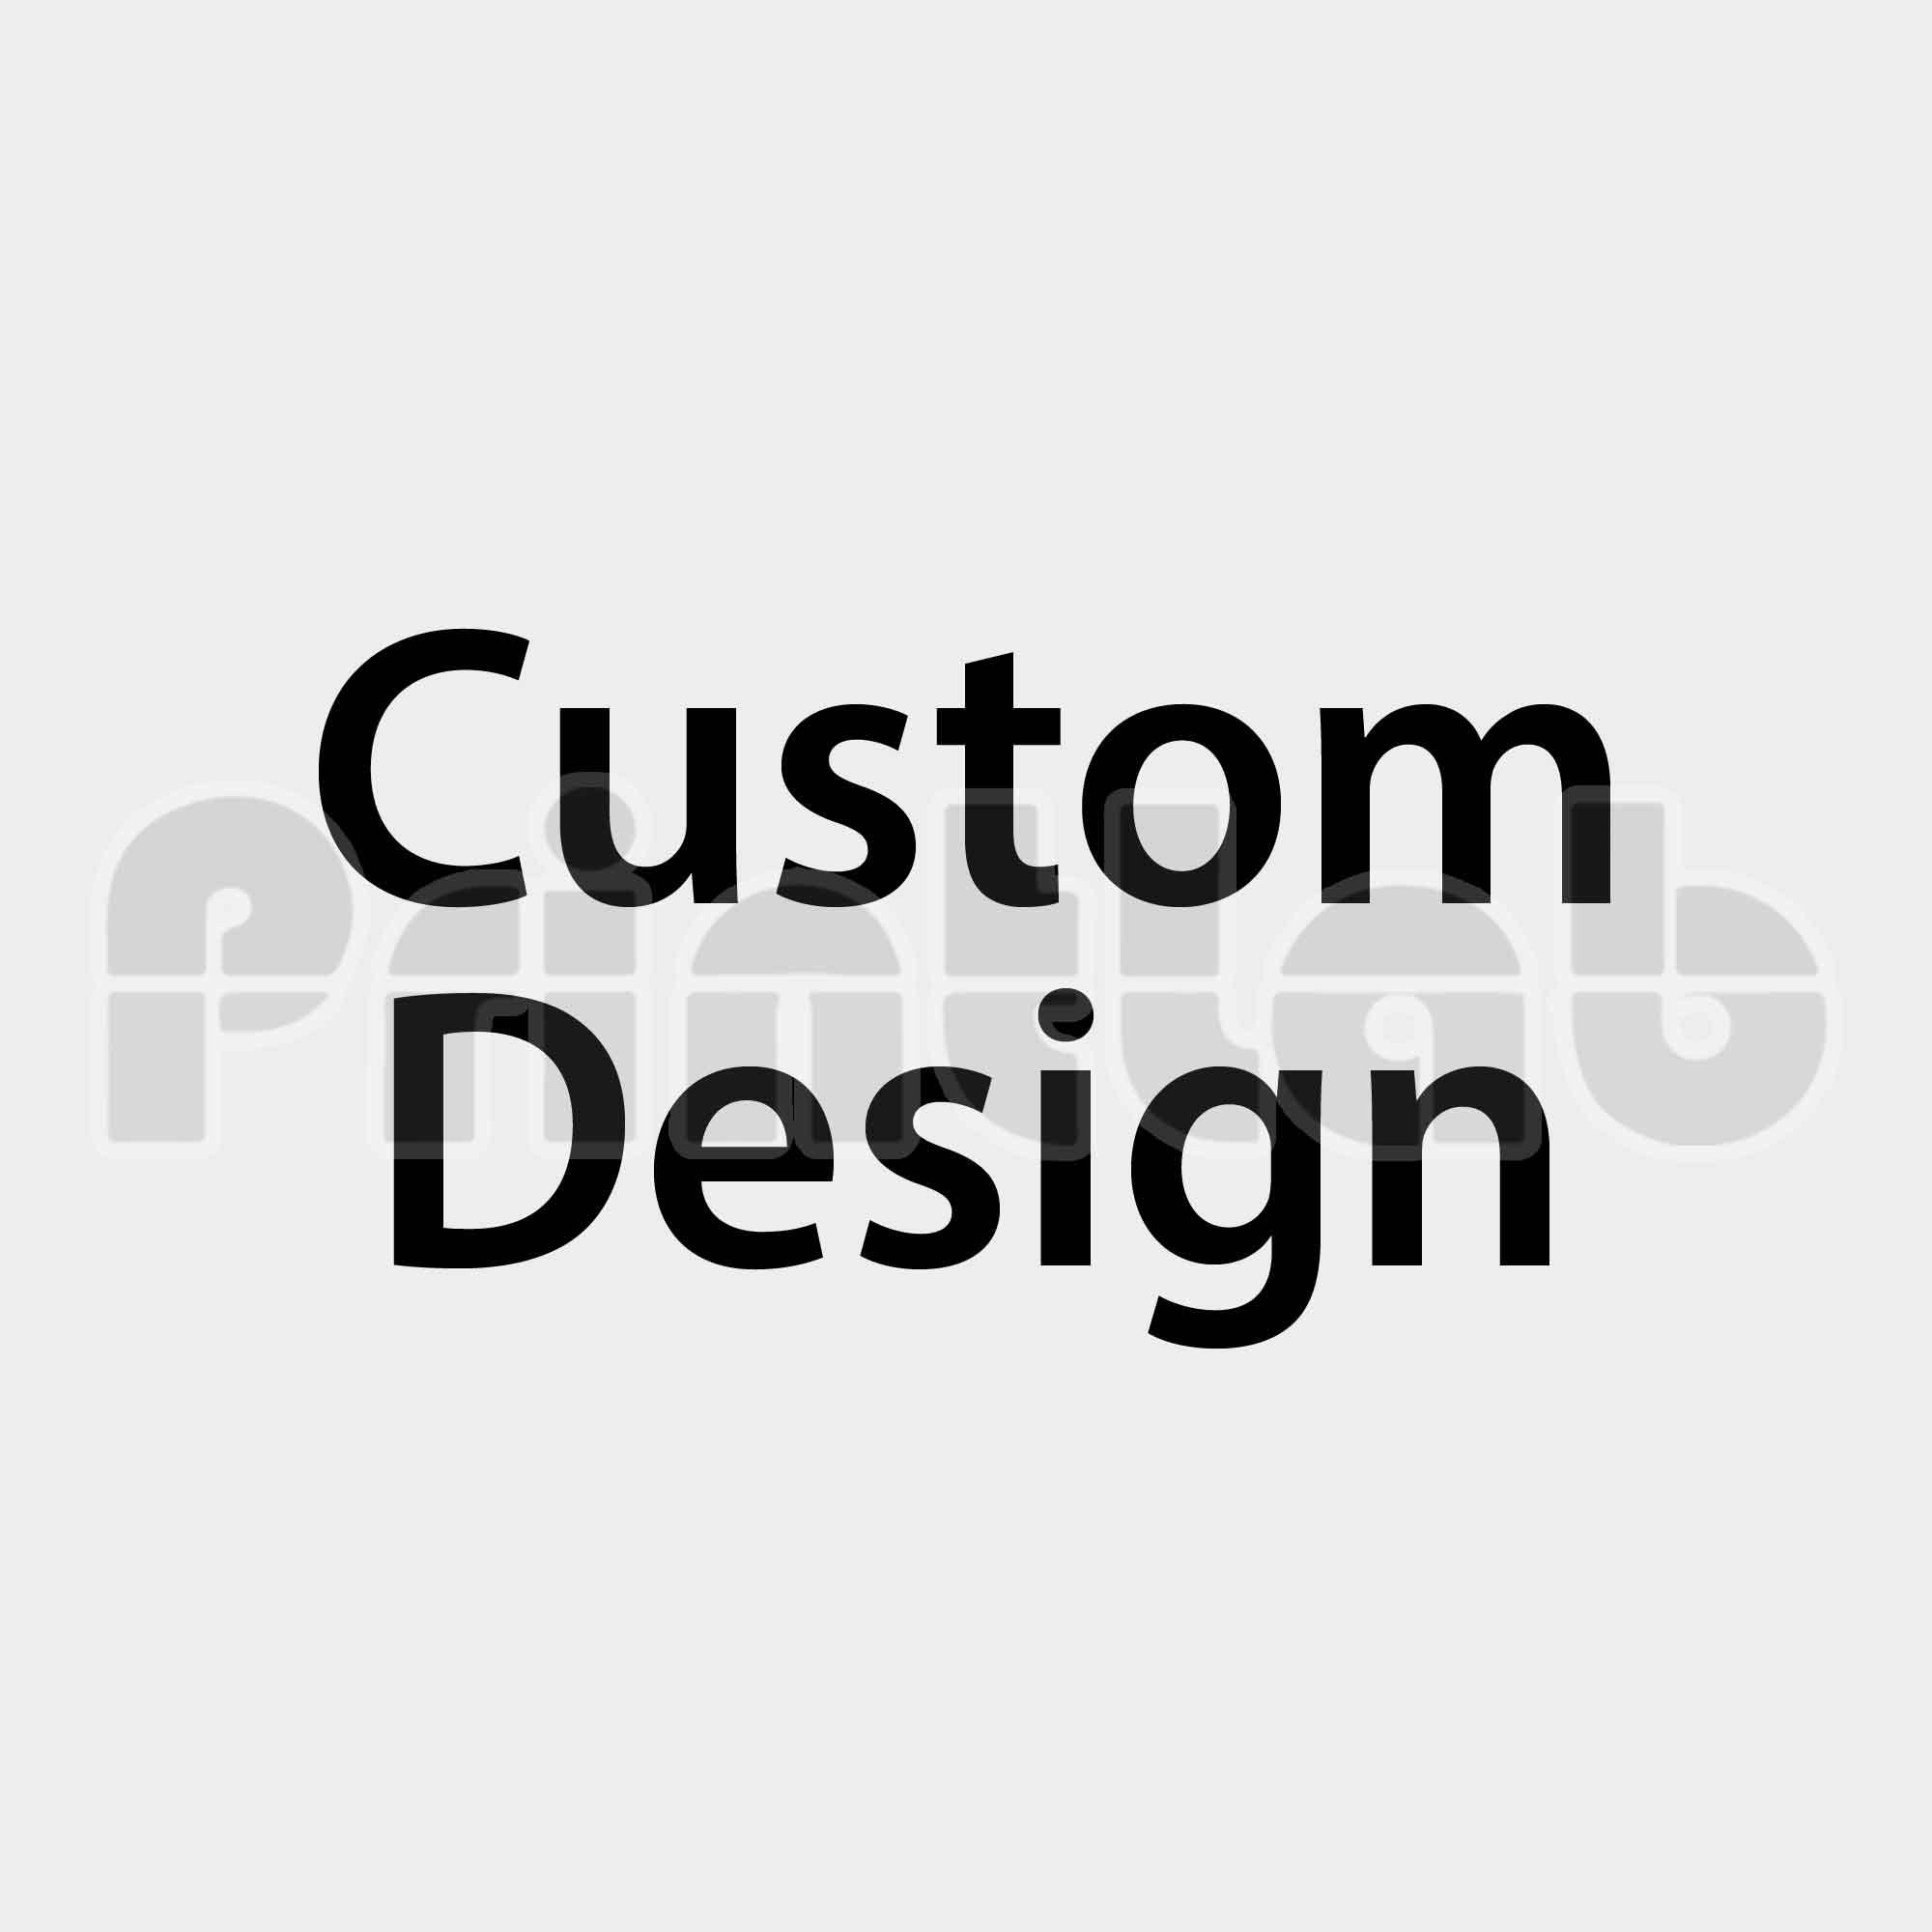 A5 (148mm x 210mm) - Custom Design